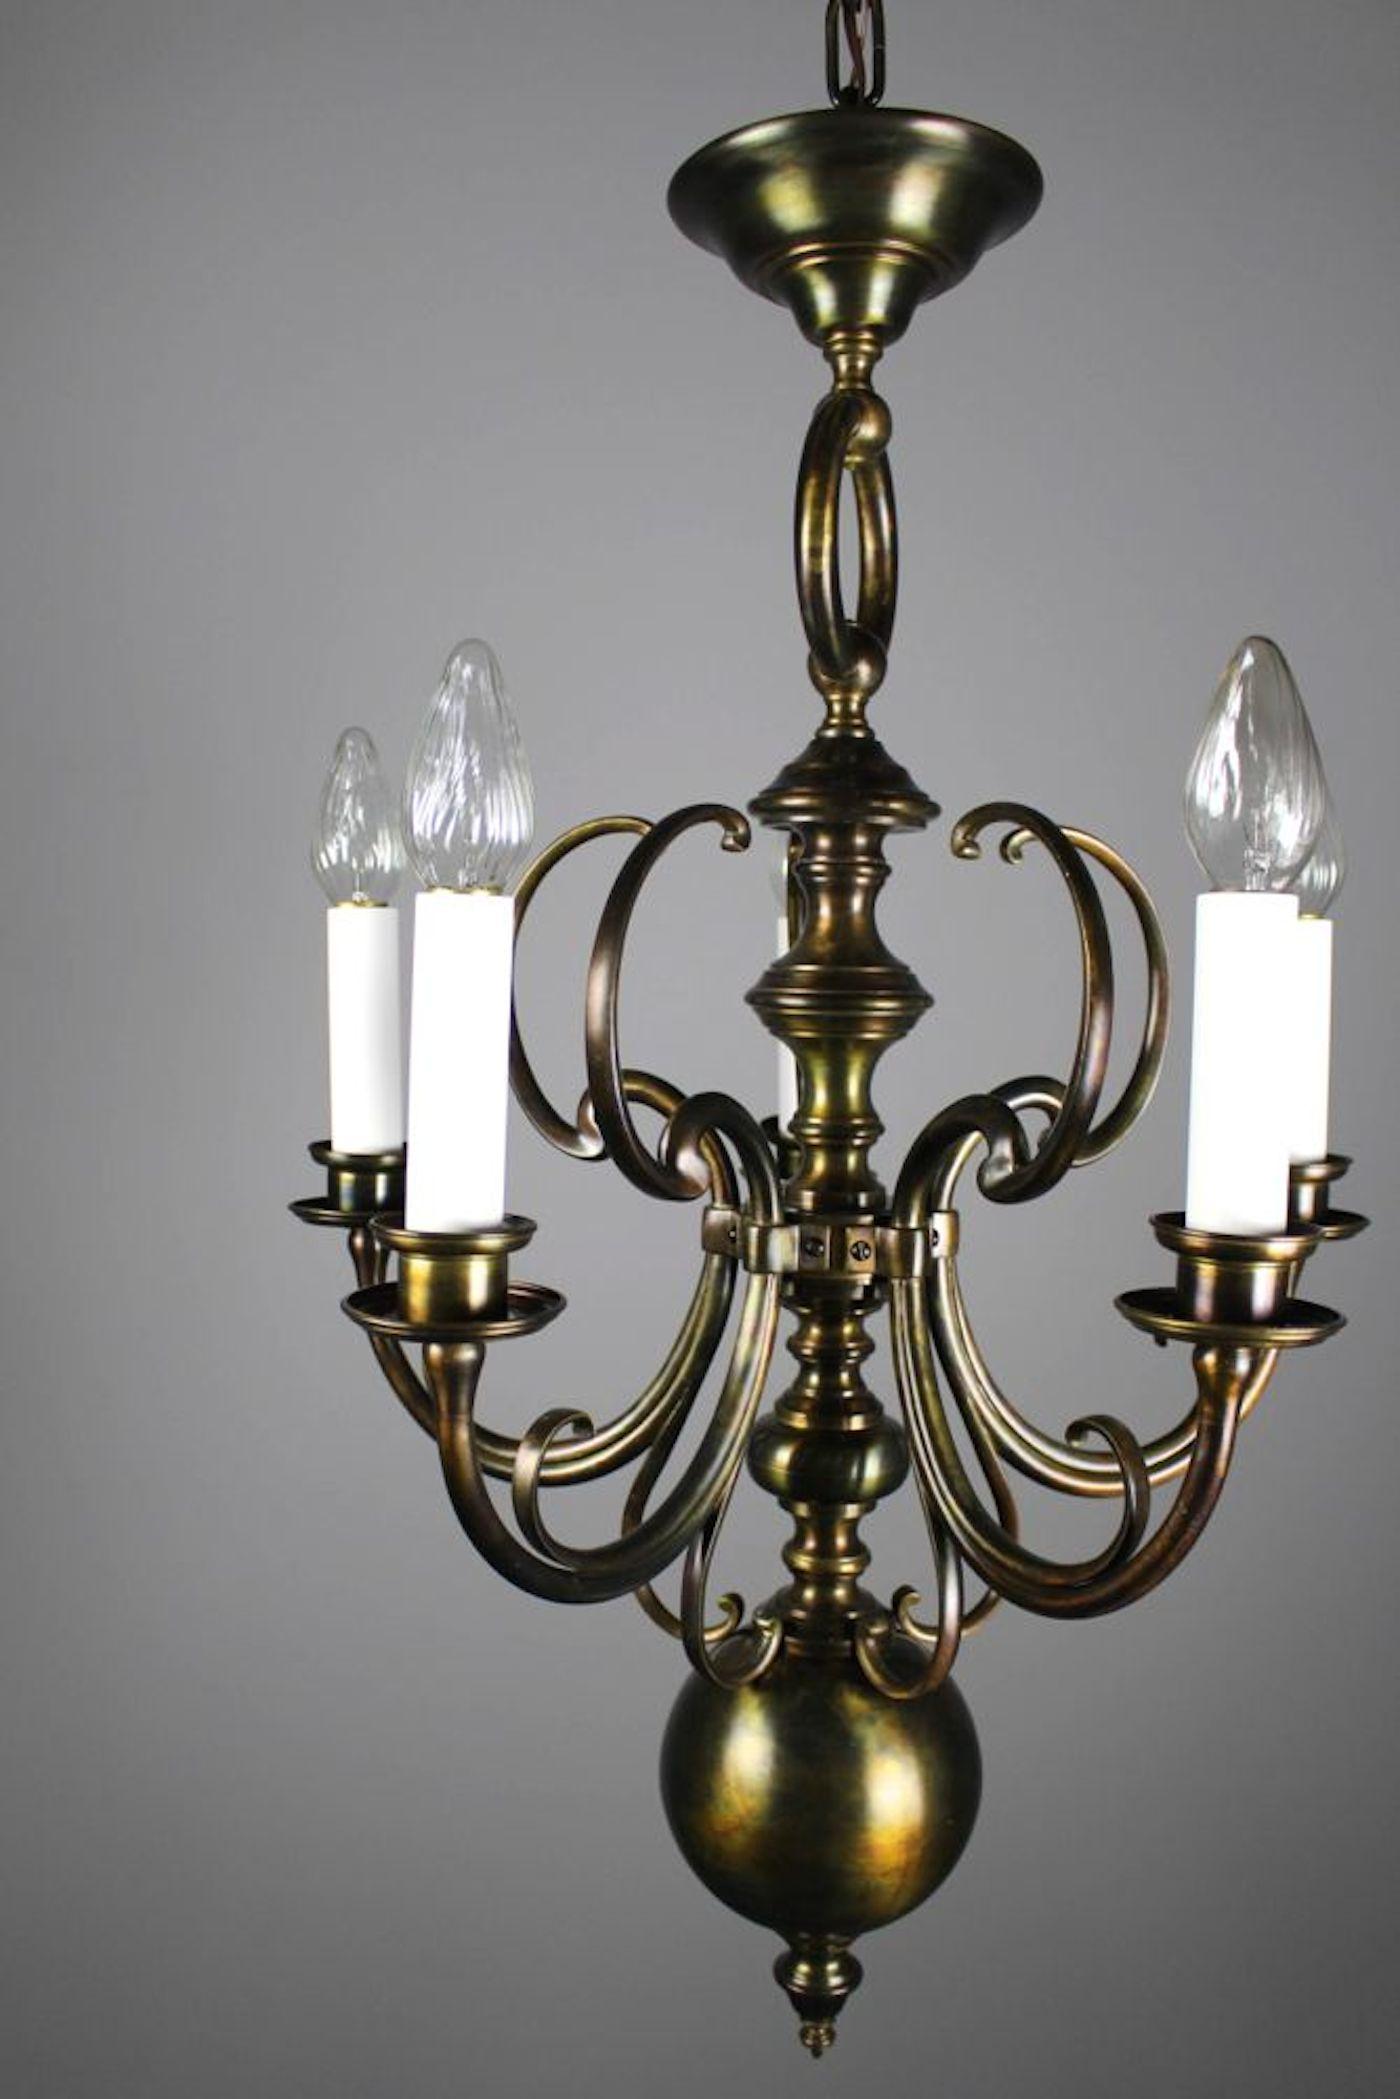 Unusual Art Nouveau Fixture 5 Light